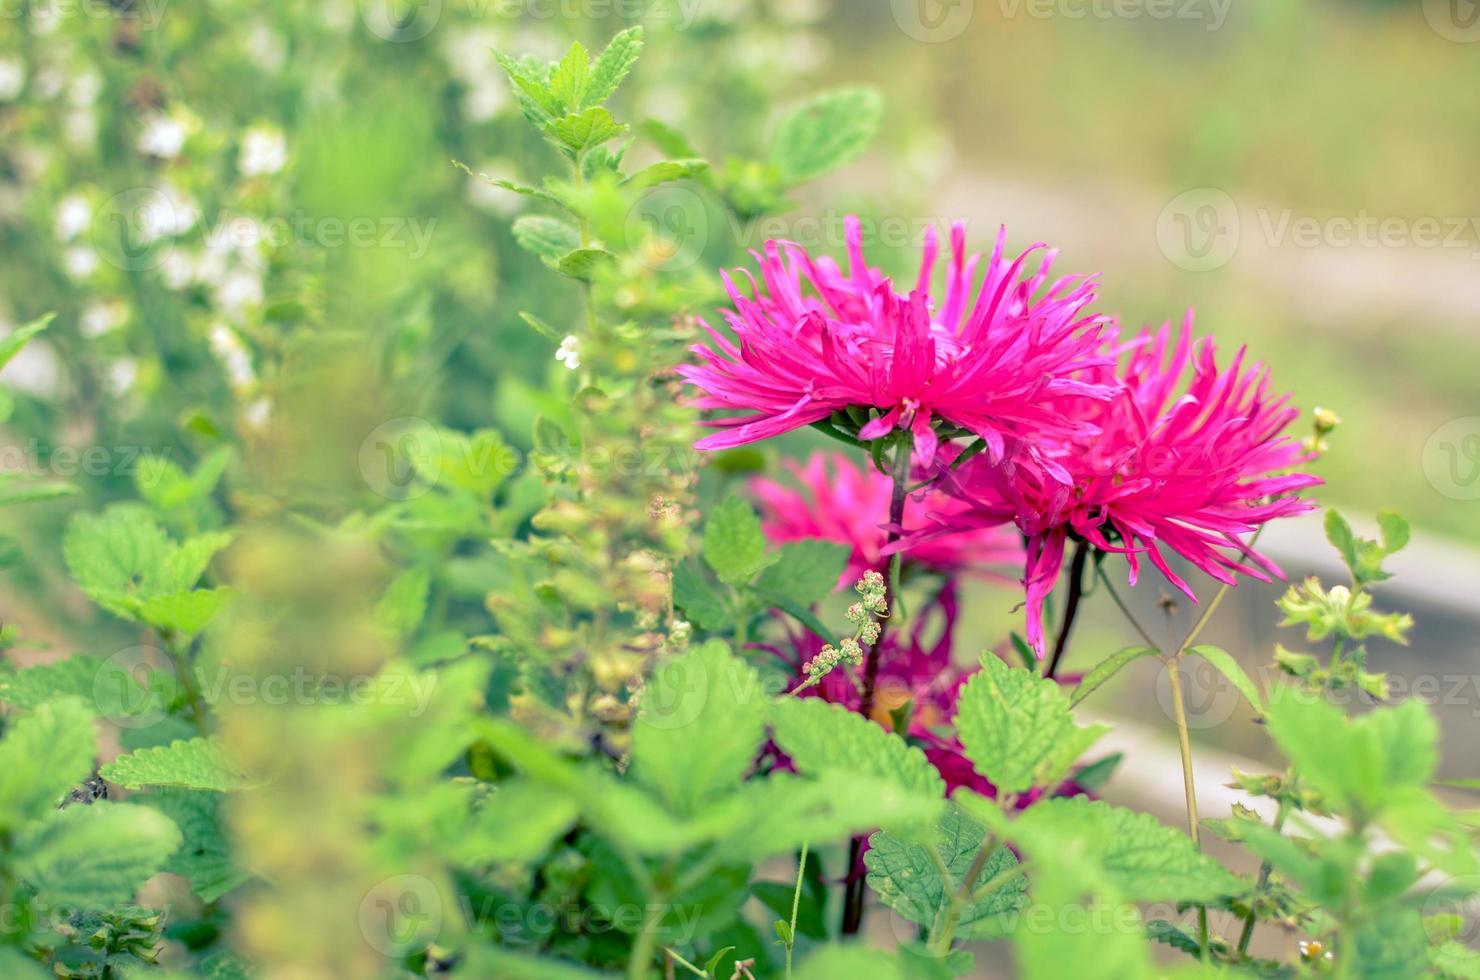 Cerrar flor rosa en el jardín en Ucrania foto